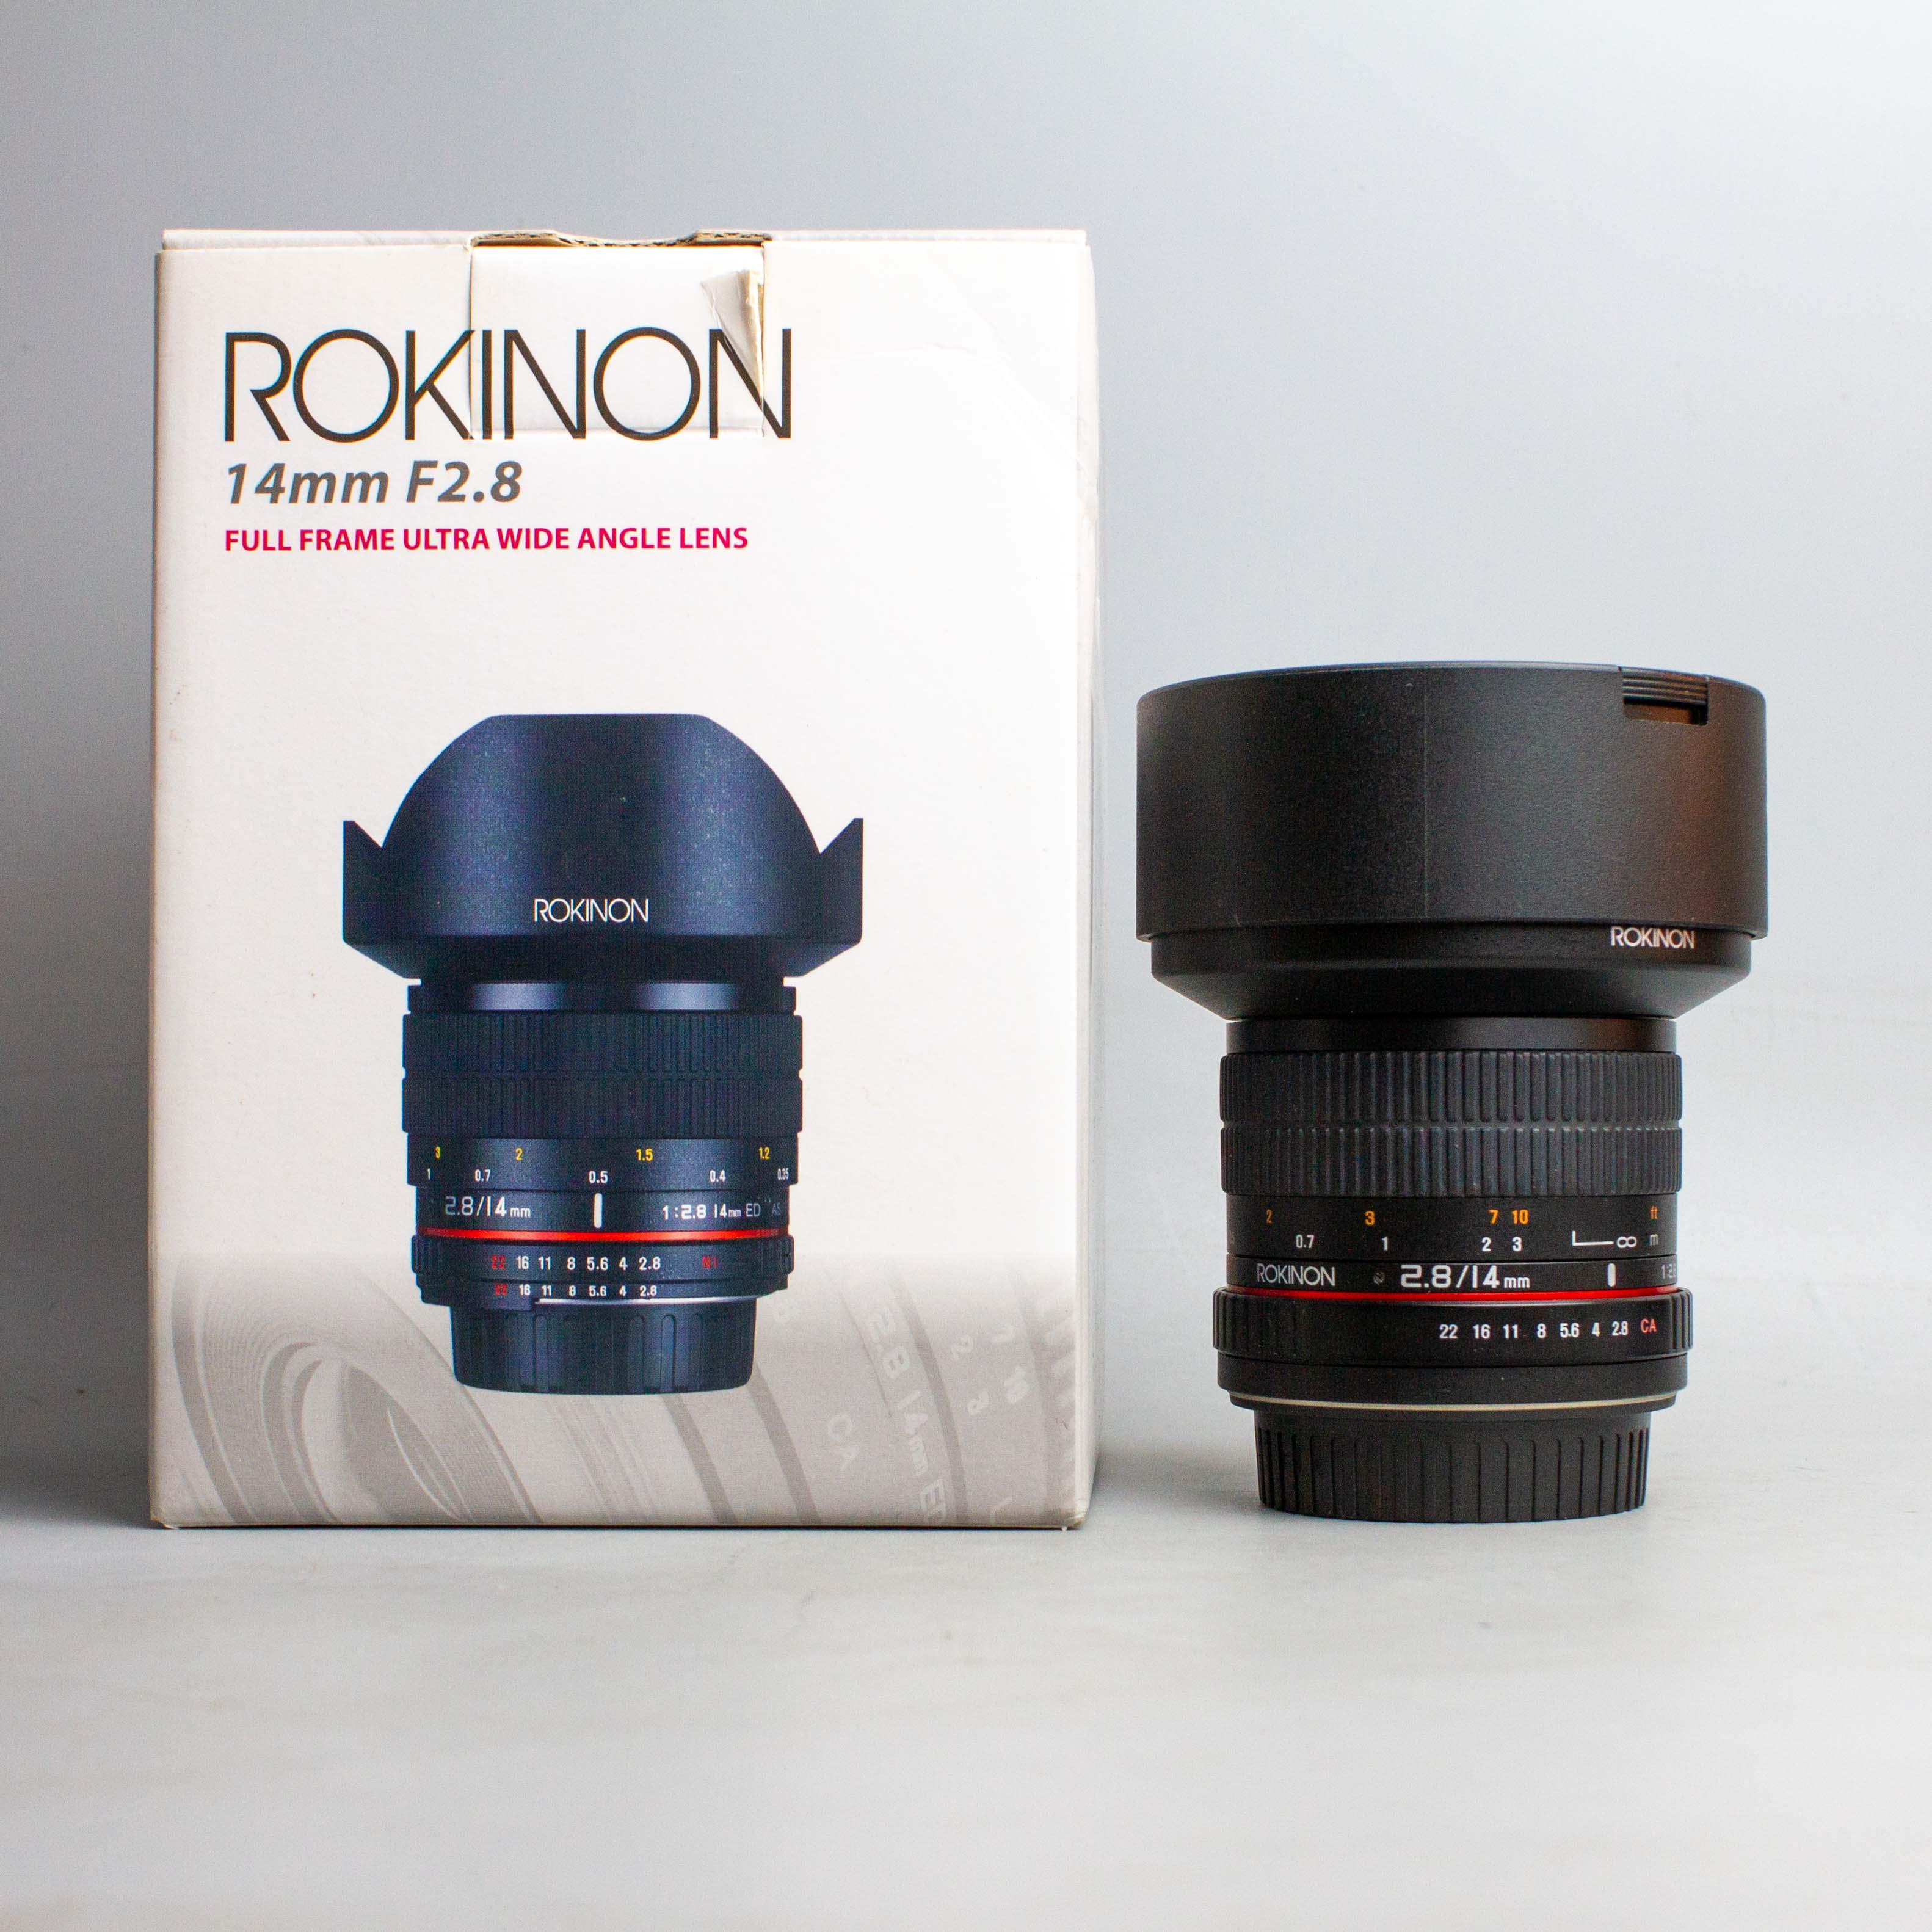 rokinon-14mm-f2-8-canon-mf-14-2-8-18581